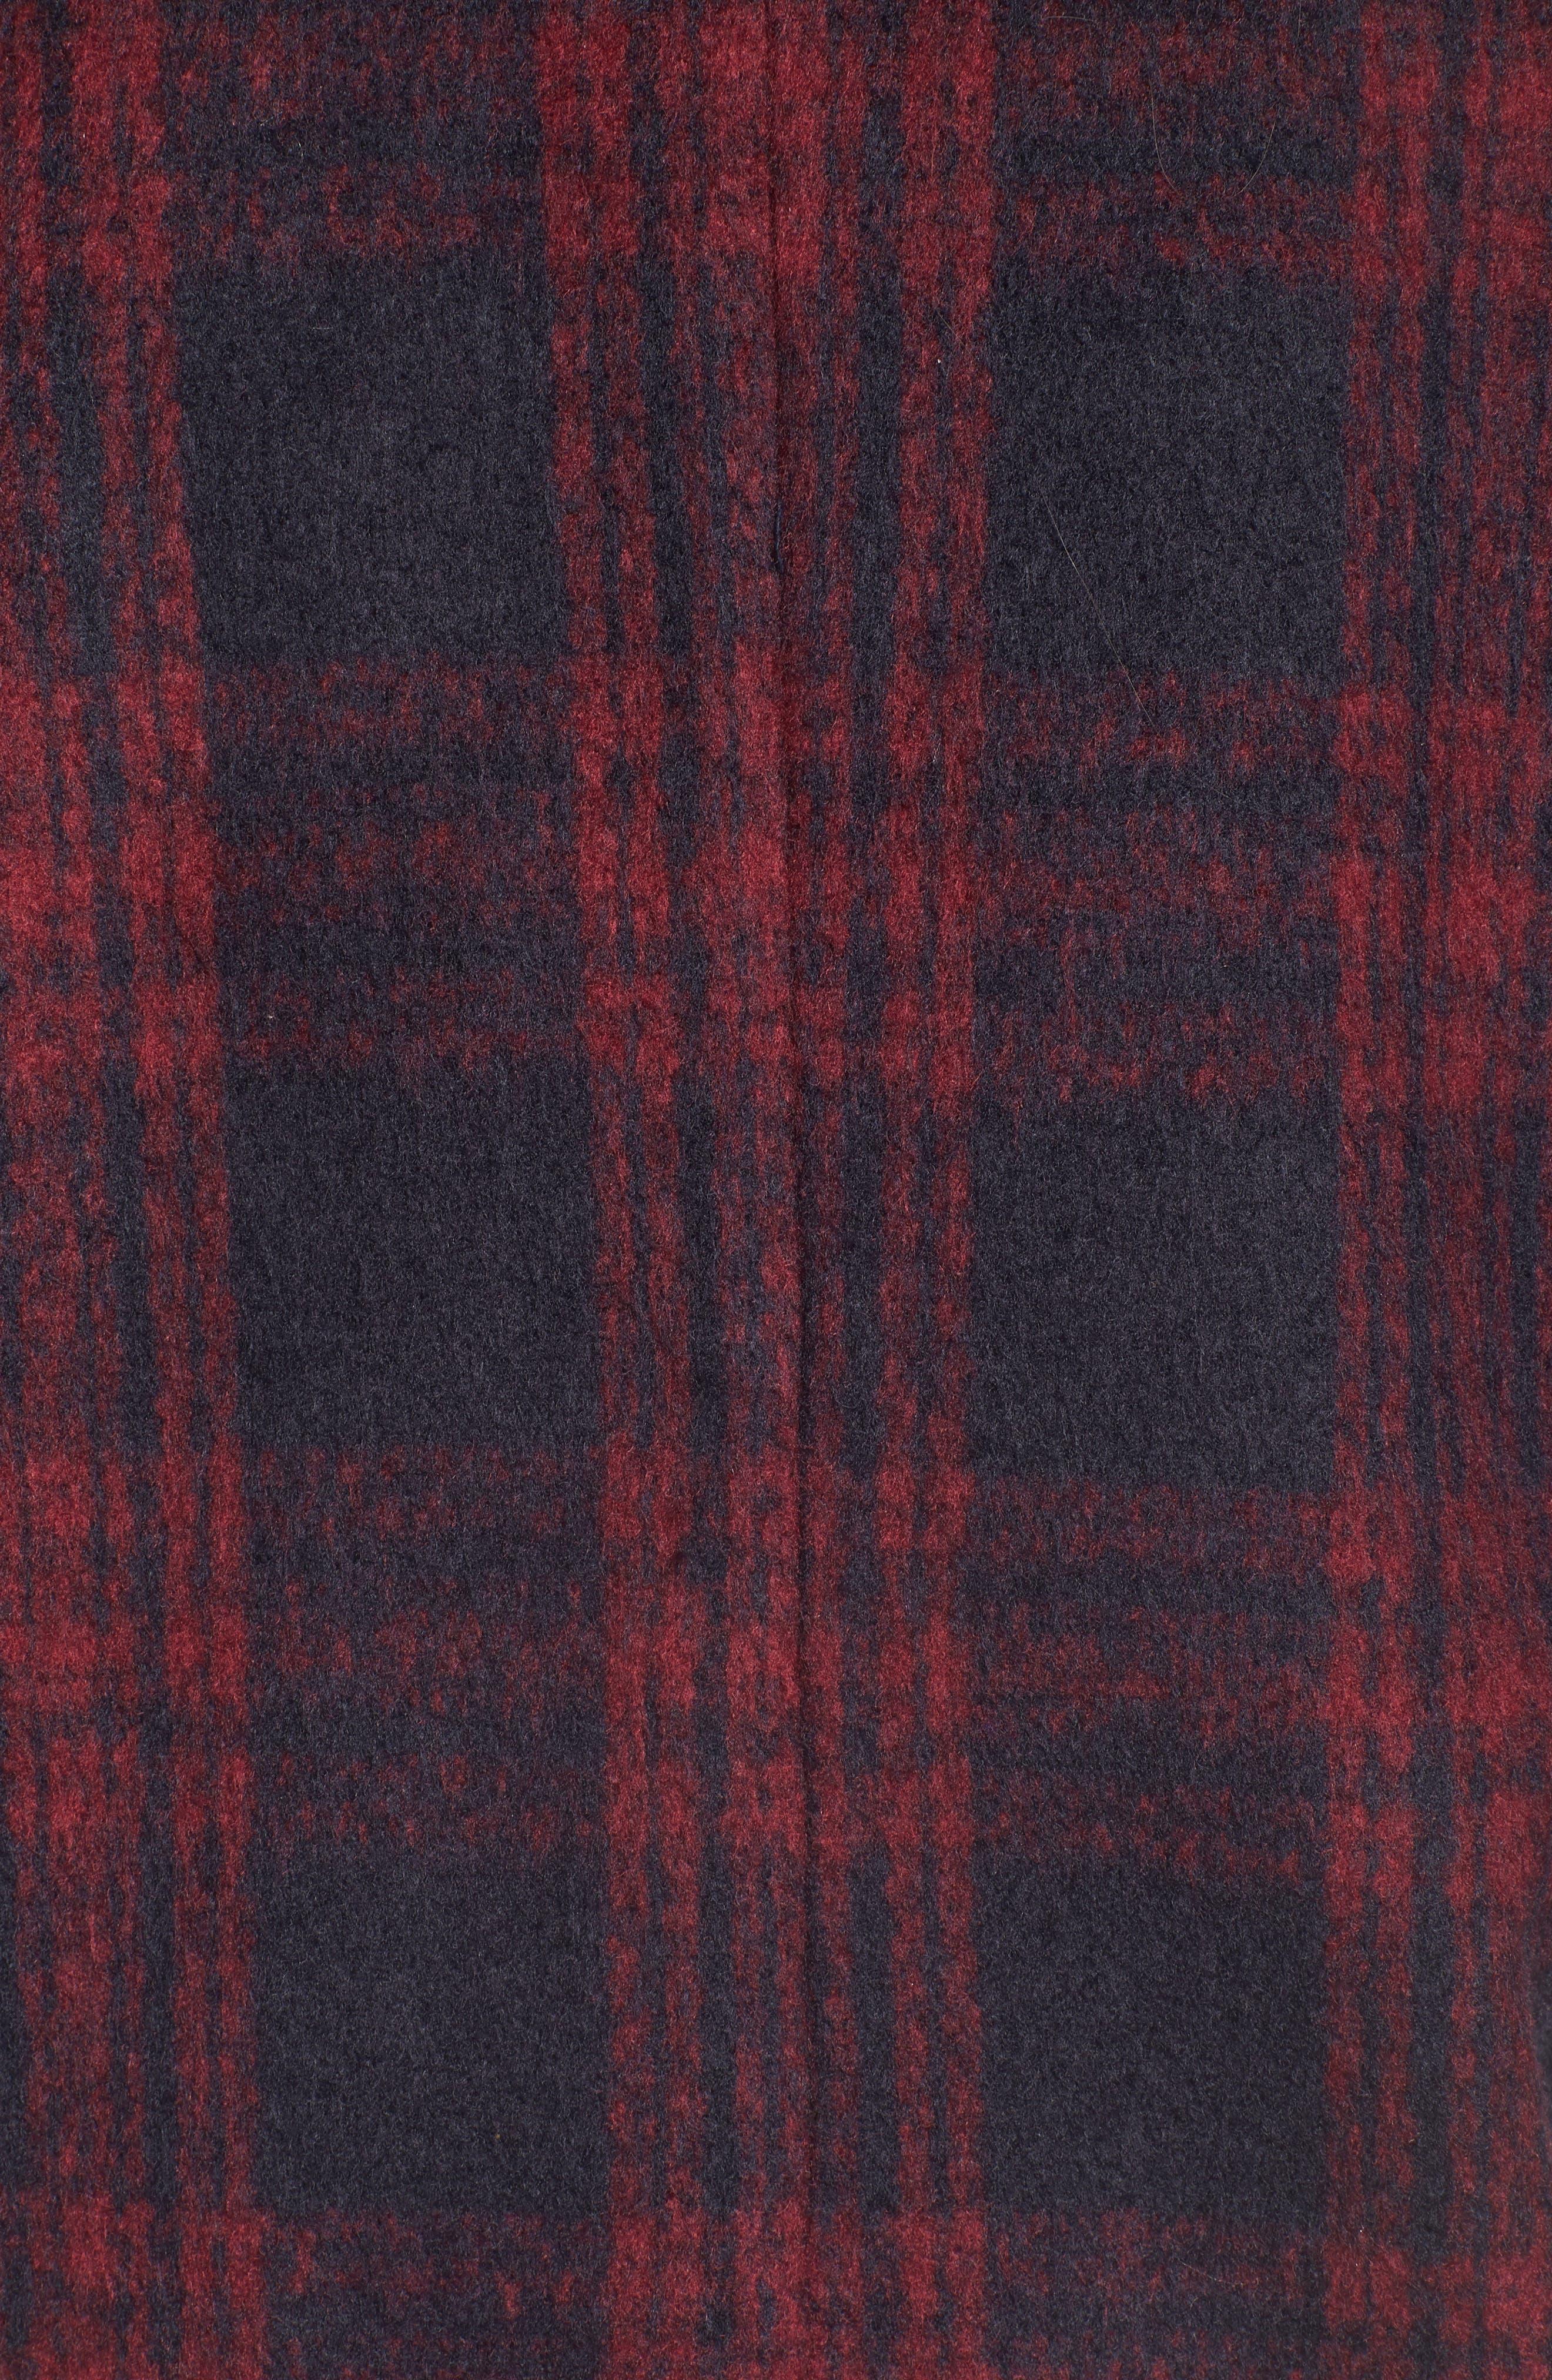 Brushed Plaid Coat,                             Alternate thumbnail 7, color,                             RED VELVET